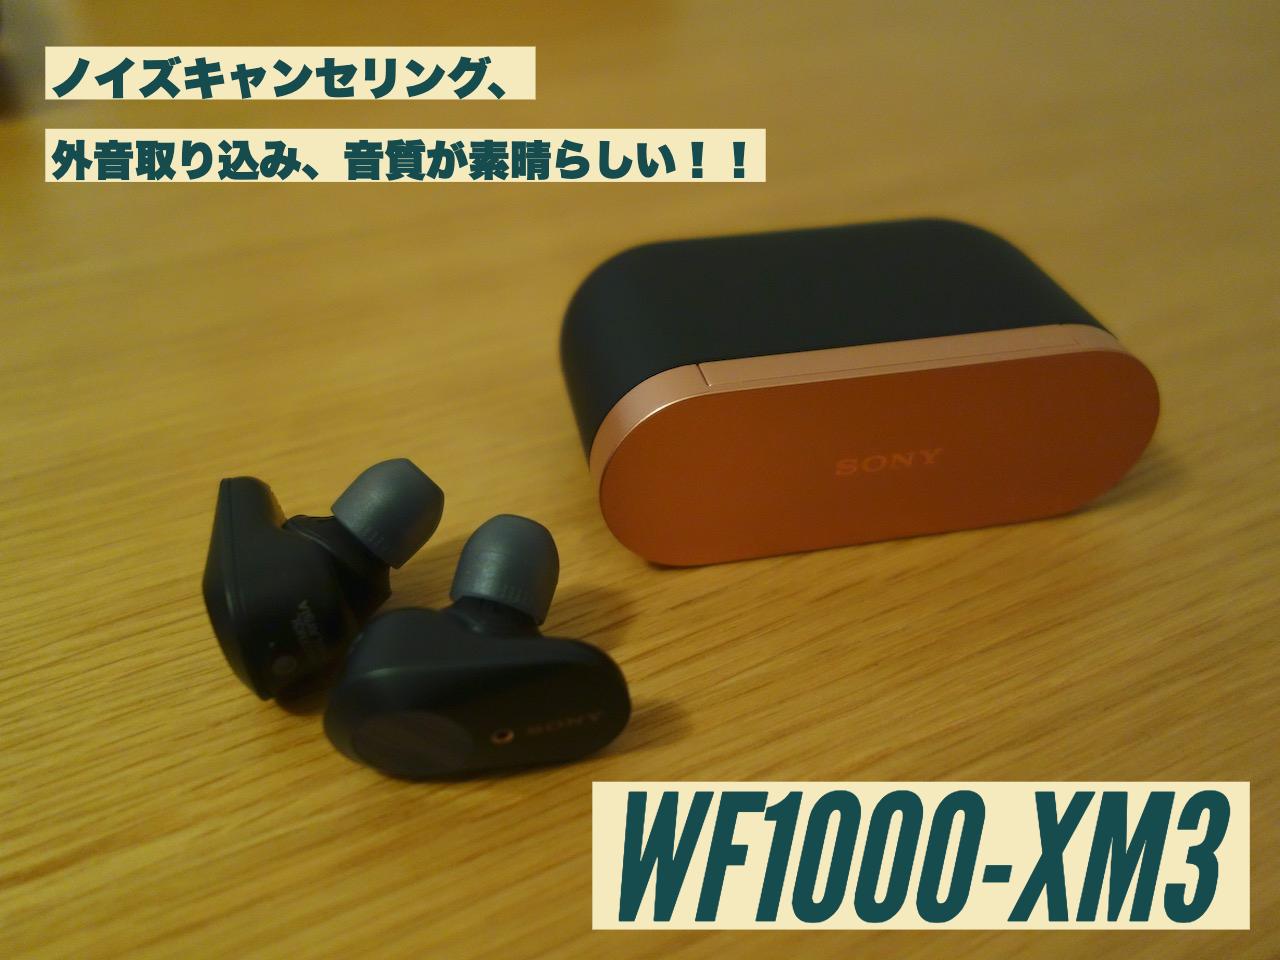 【レビュー】Sony WF-1000XM3を1ヶ月使用してみて。厚くなった音質と安定性!無印との違いは?